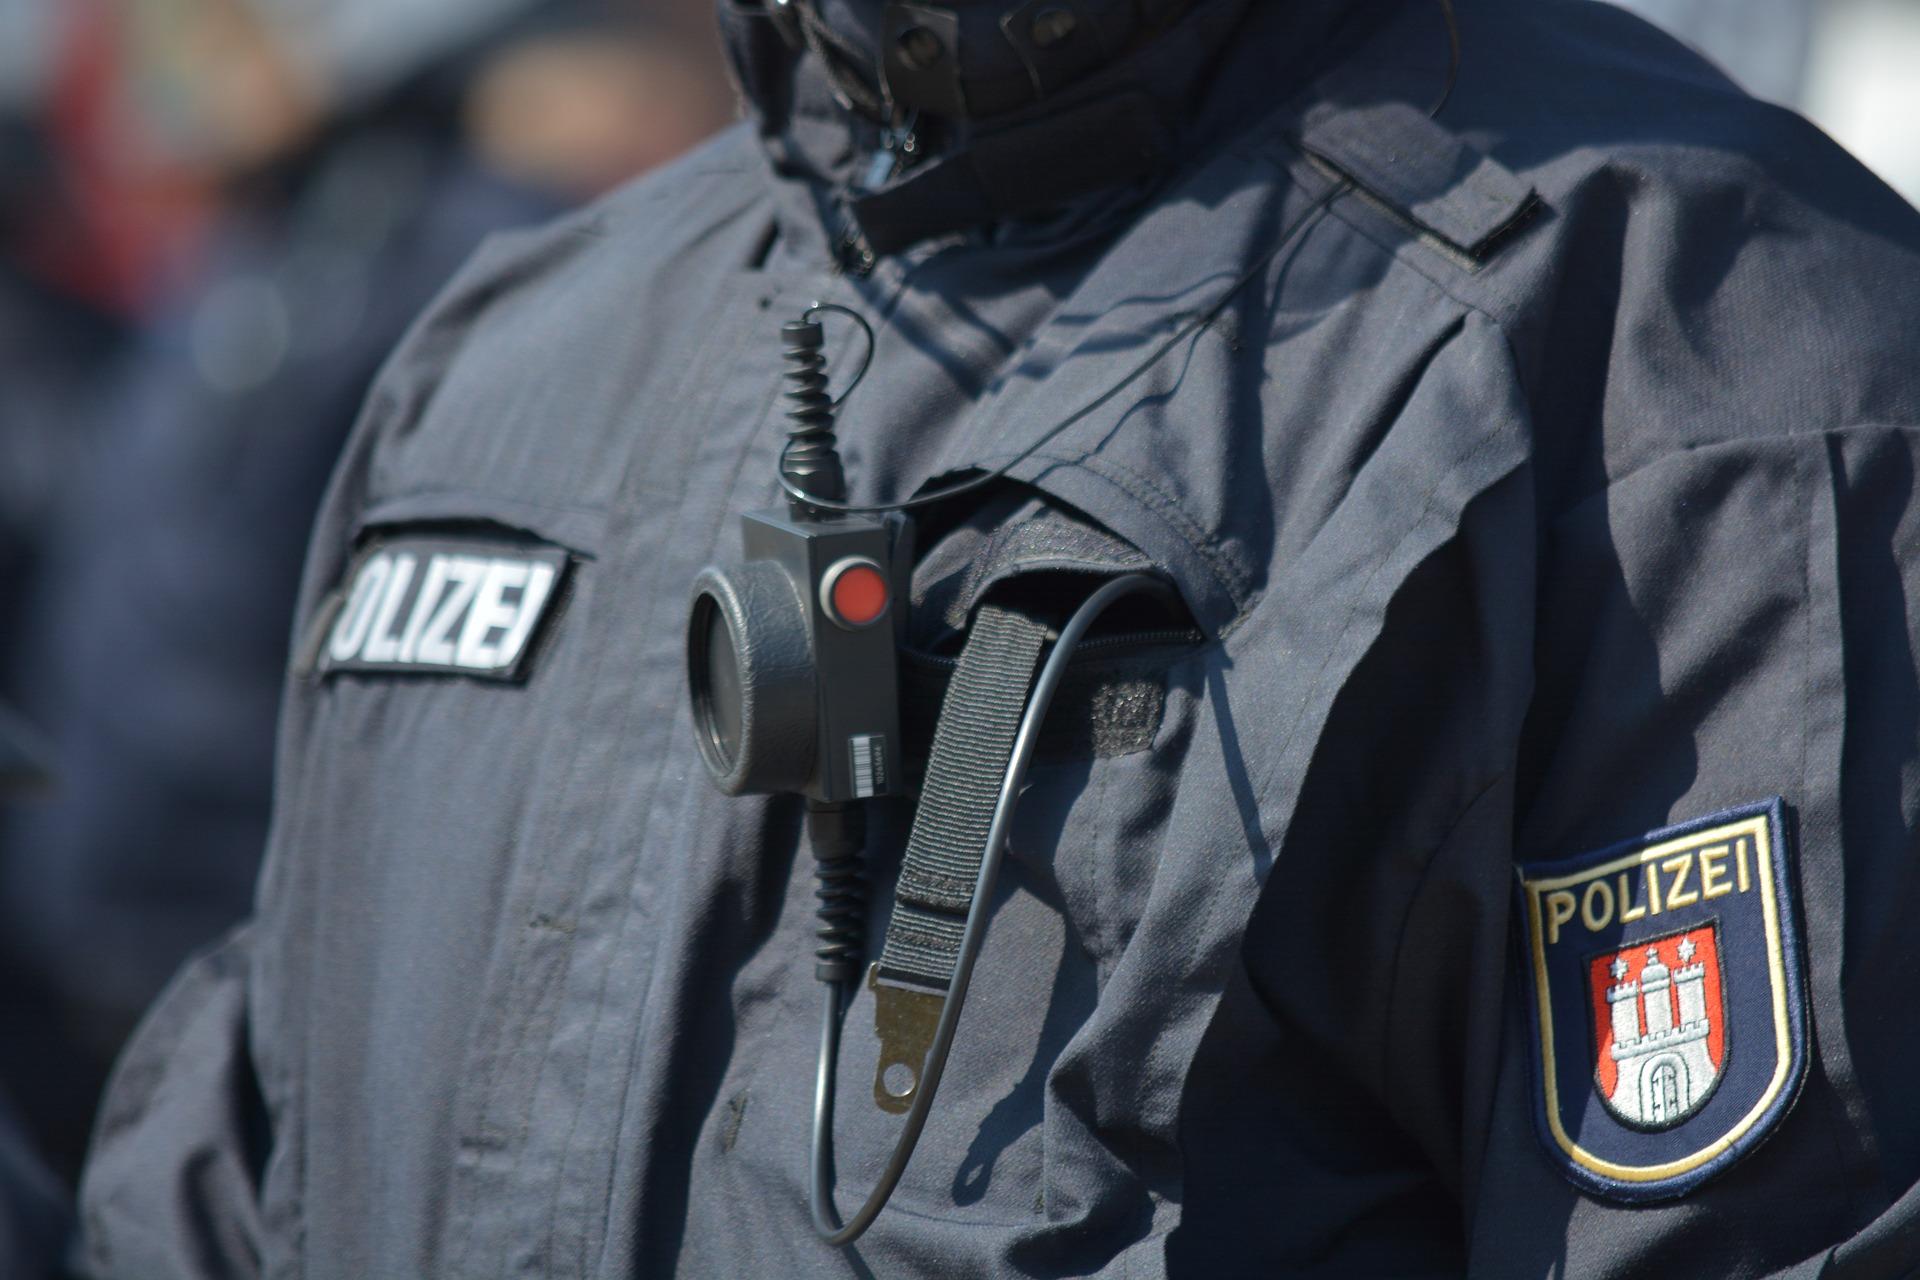 ¿Están preparadas las ciudades latinoamericanas para usar cámaras corporales de seguridad?